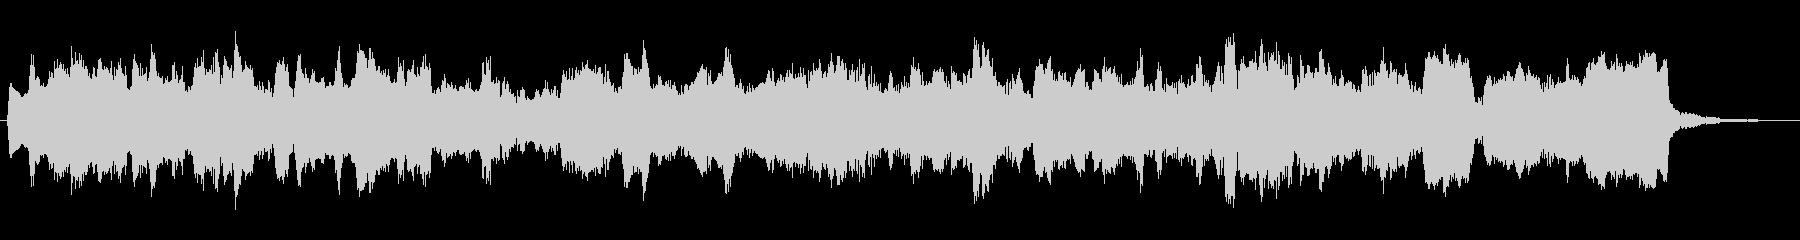 オルガンによるオランダ風ワルツの未再生の波形